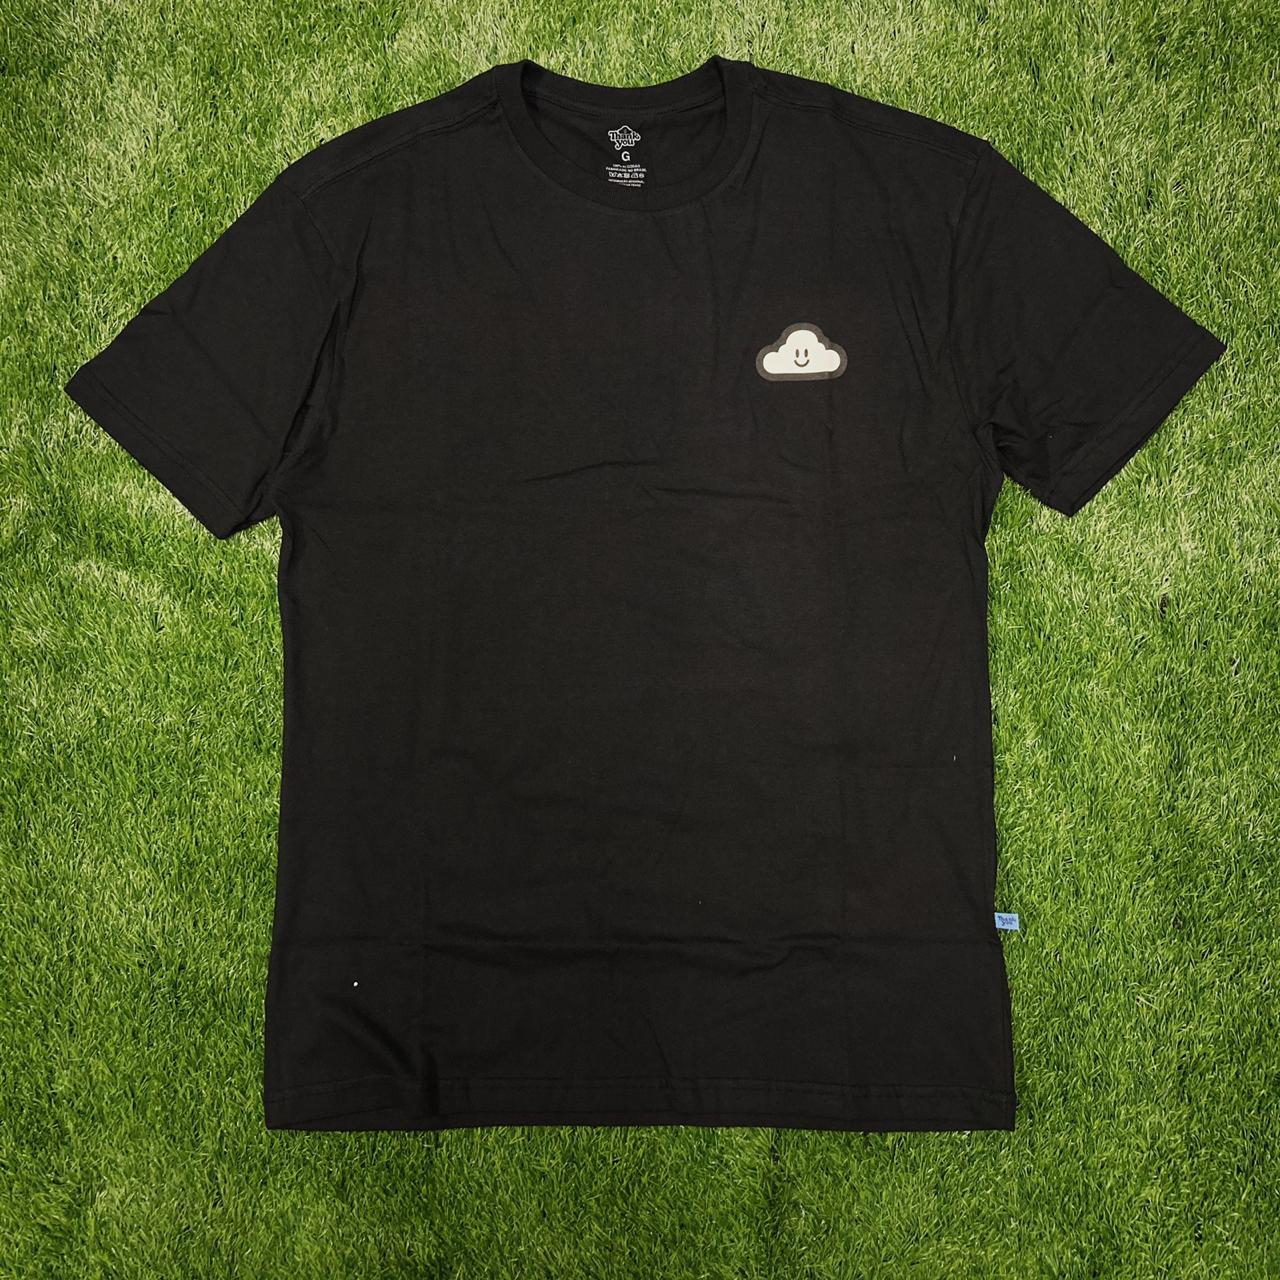 Camiseta thankyou cloud icon black